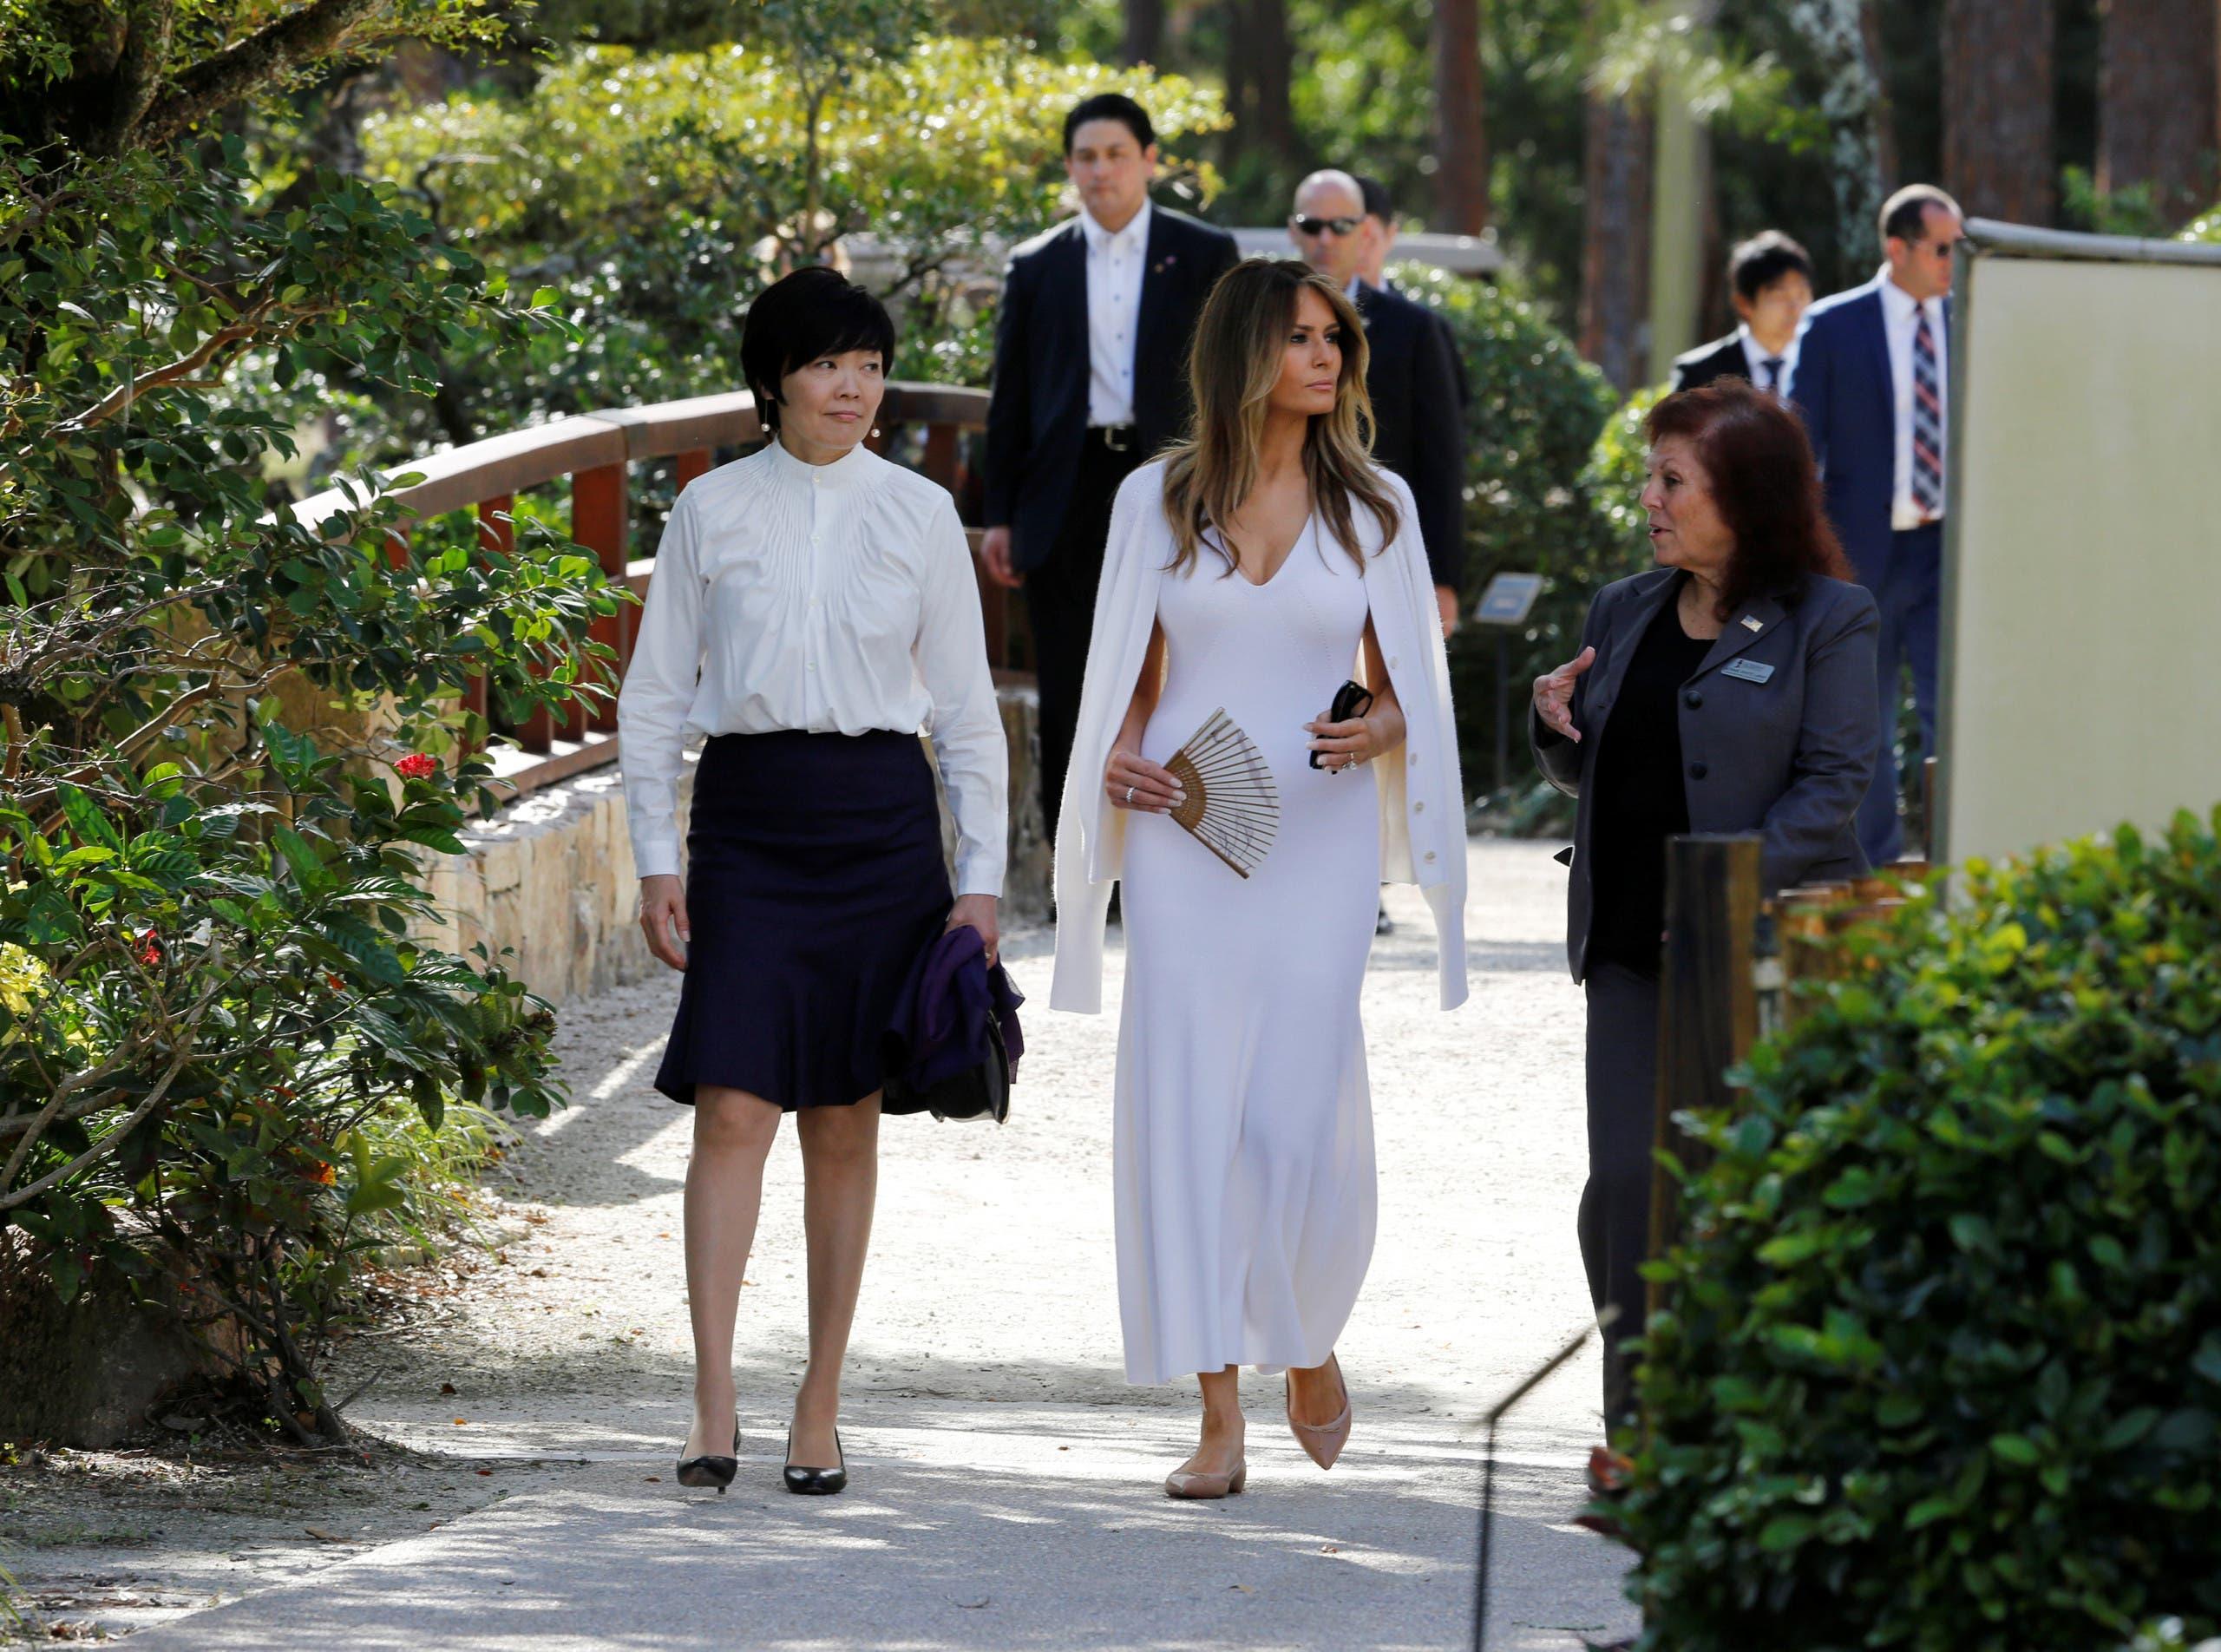 ميلانيا مع زوجة رئيس الوزراء الياباني في زيارة لحديقة ومتحف ياباني